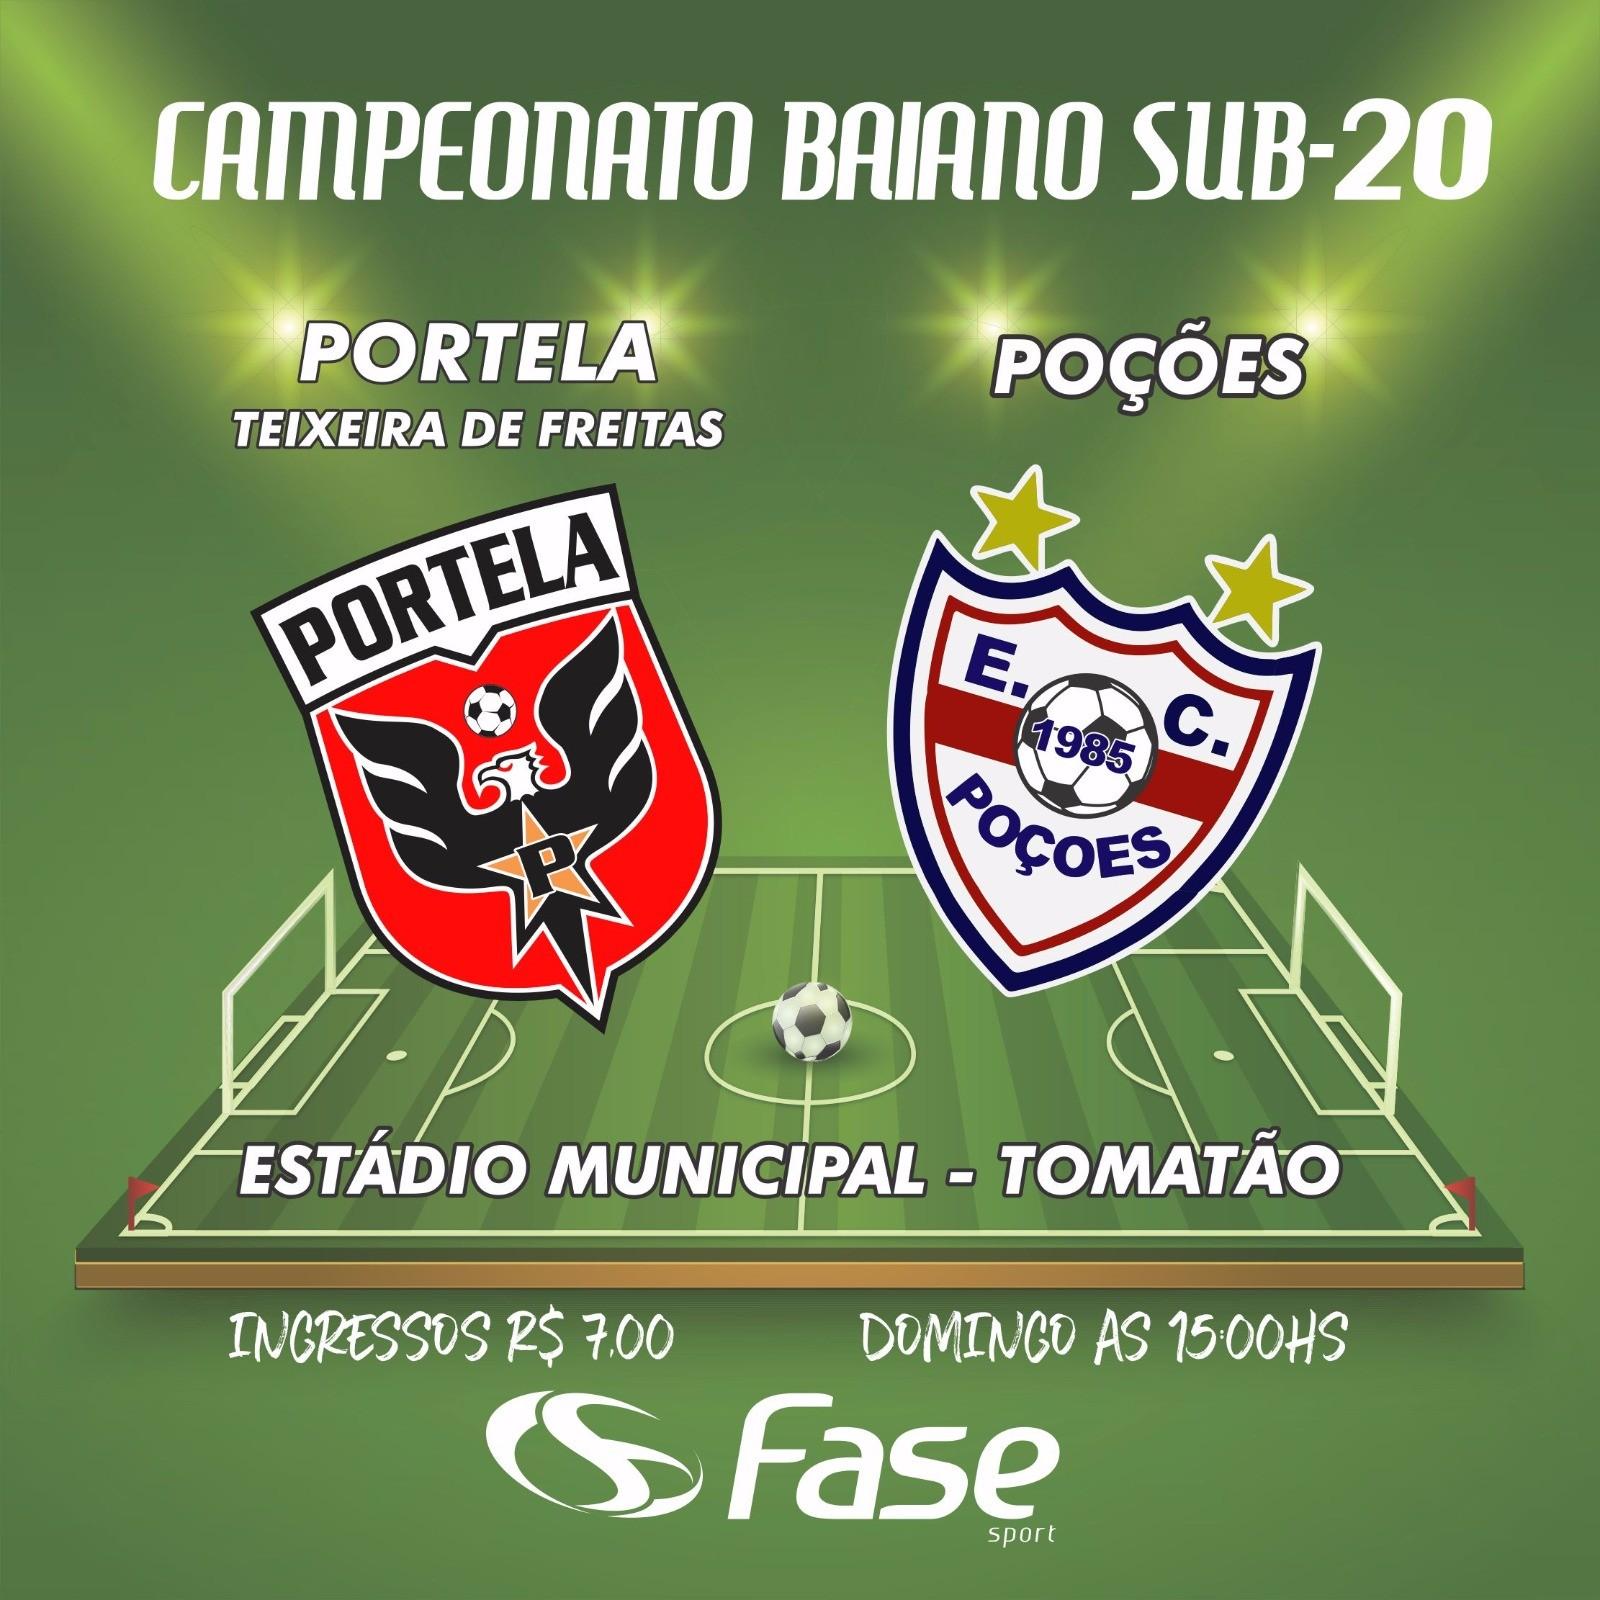 Campeonato Baiano Sub 20 FBF escala árbitro da cidade de Itamarajº para apitar Teixeira de Freitas X Po§µes